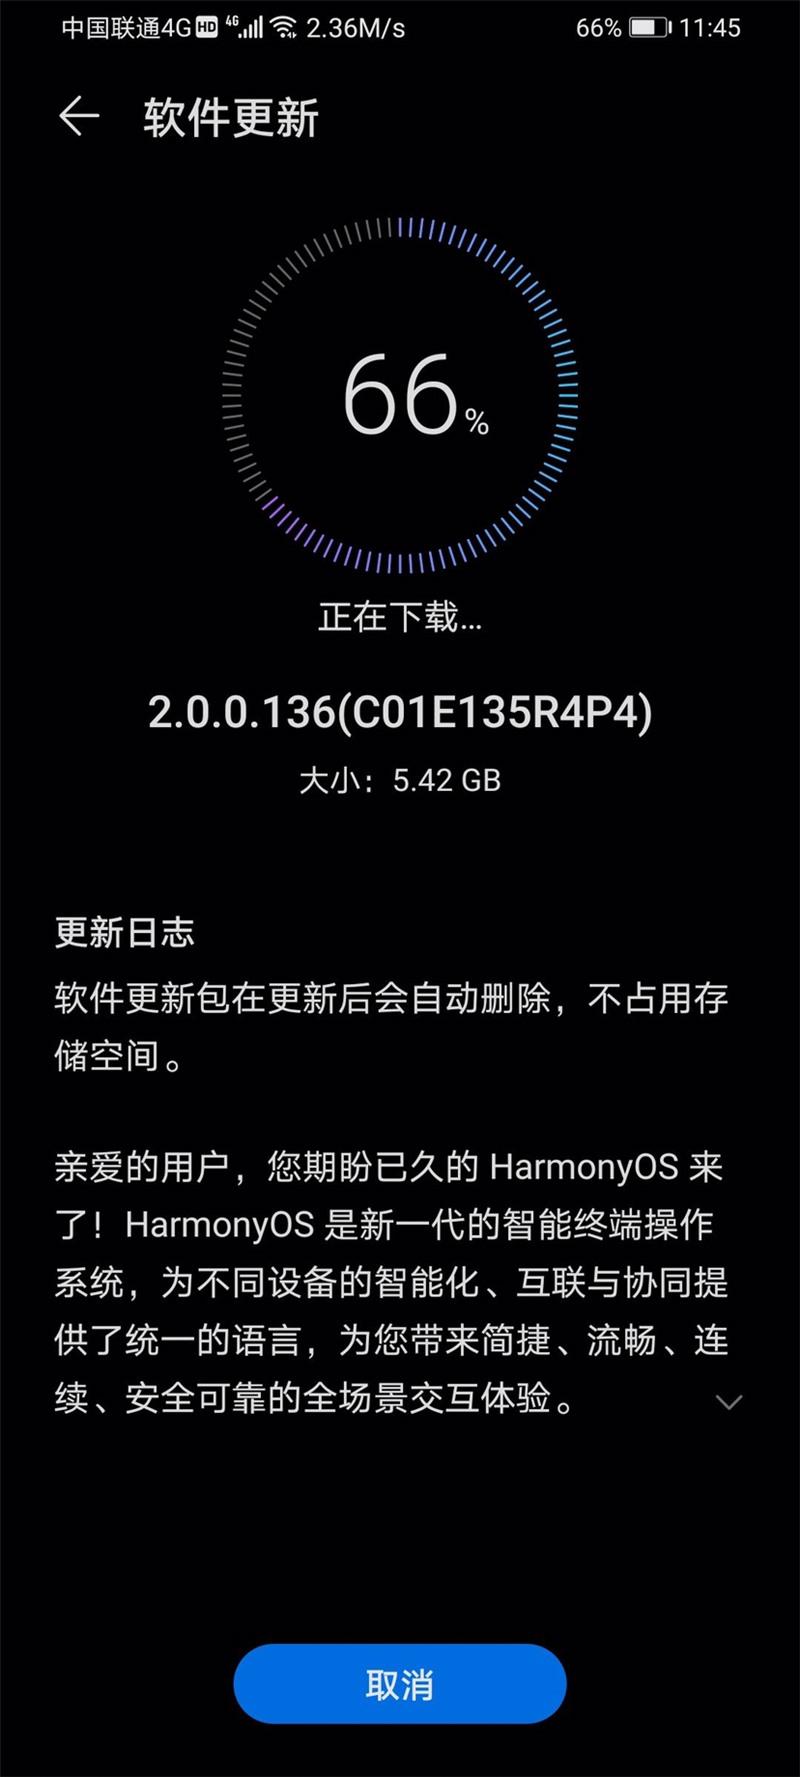 HarmonyOS 2.0.0.136 update